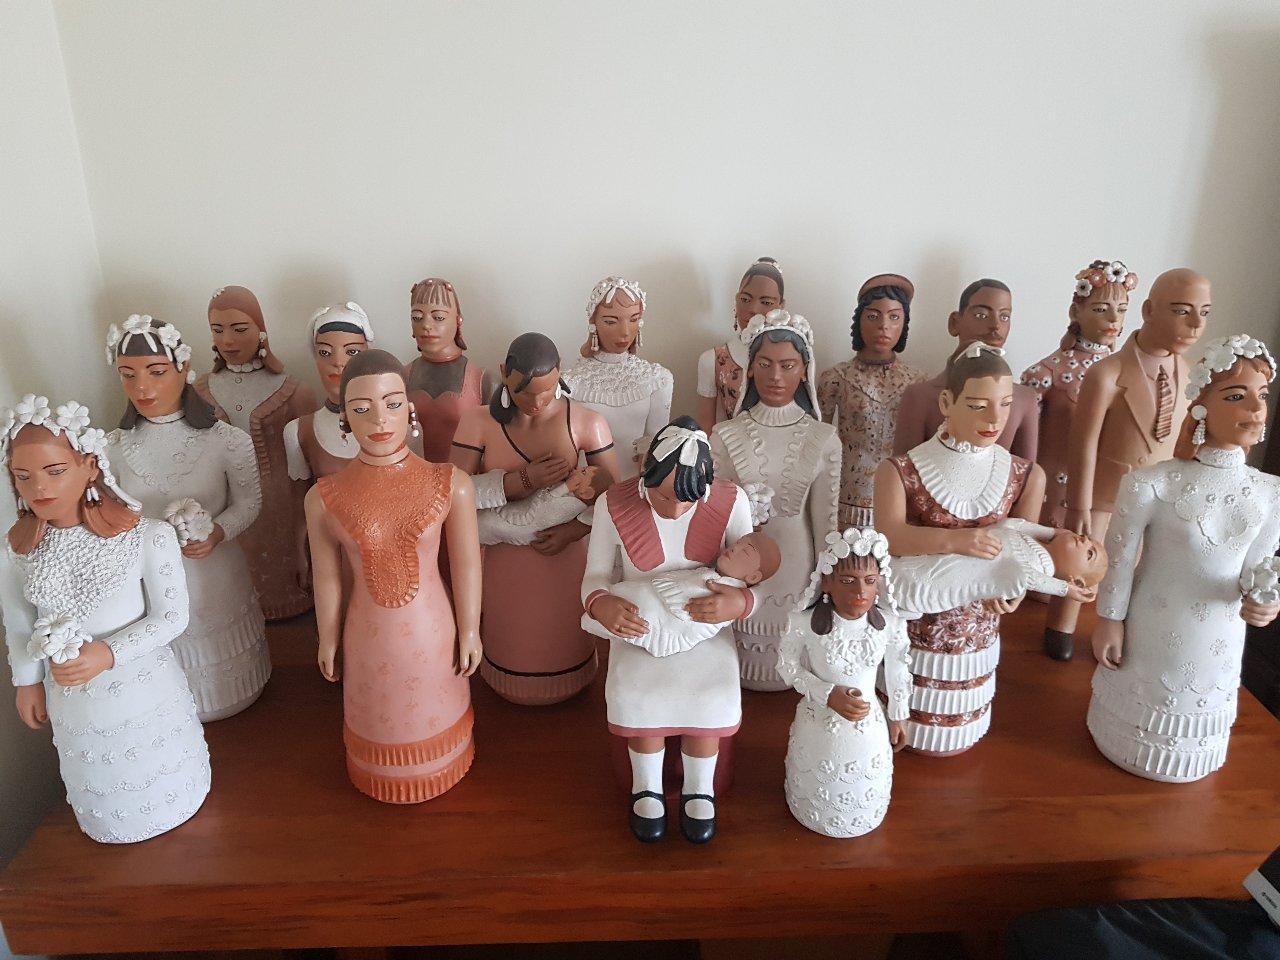 Coleção Bonecas de Barro